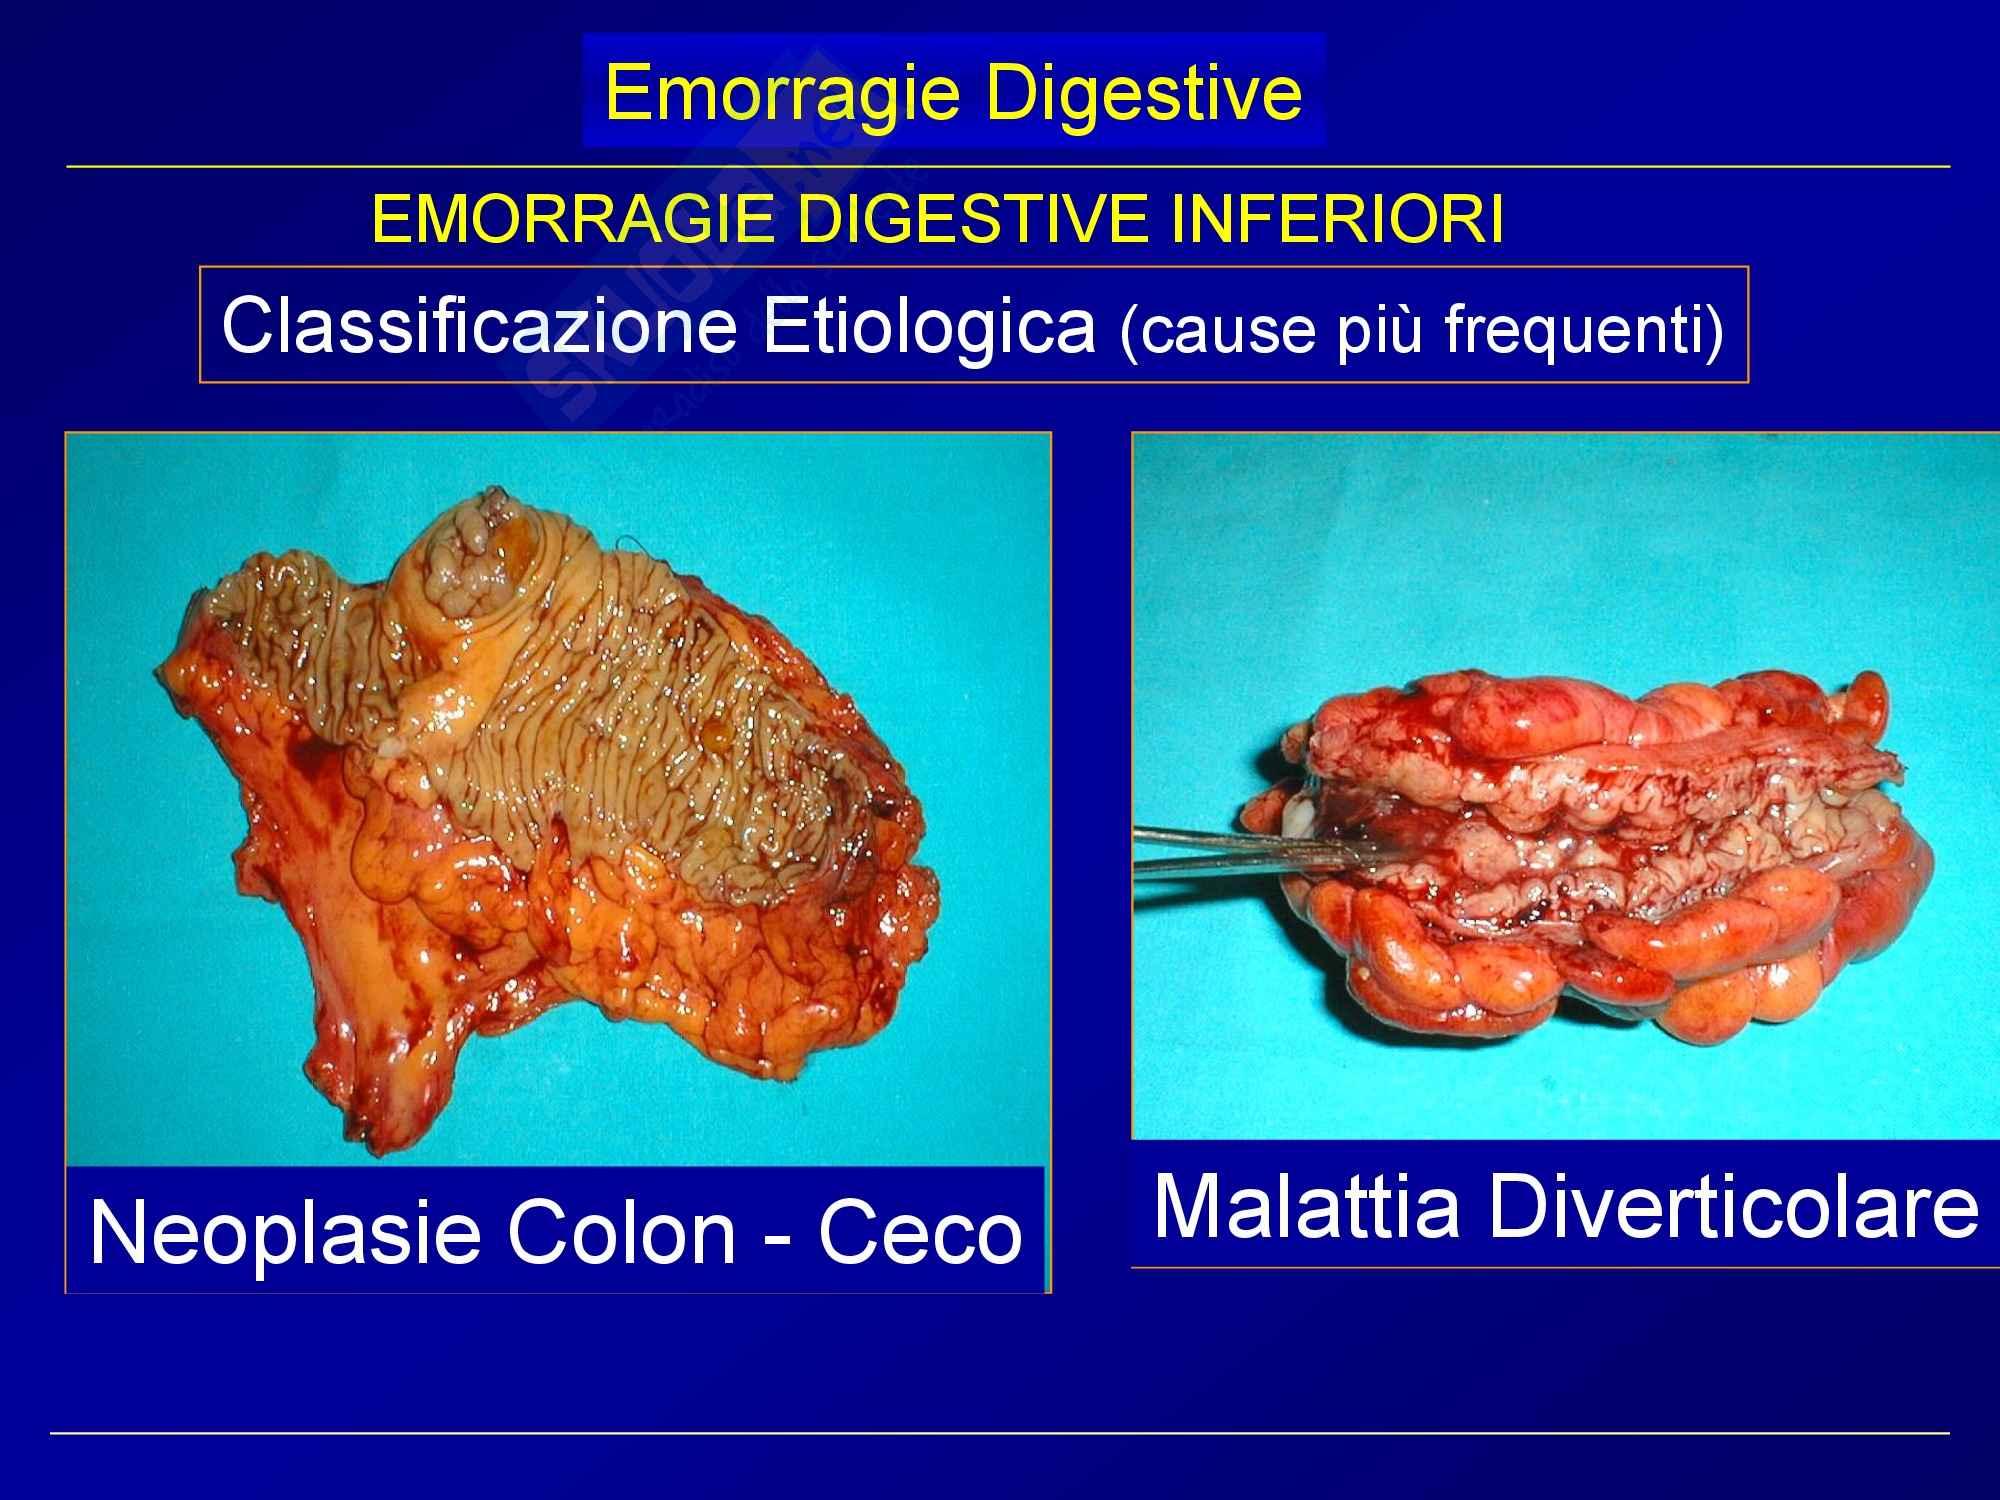 Chirurgia generale - emorragie digestive Pag. 21